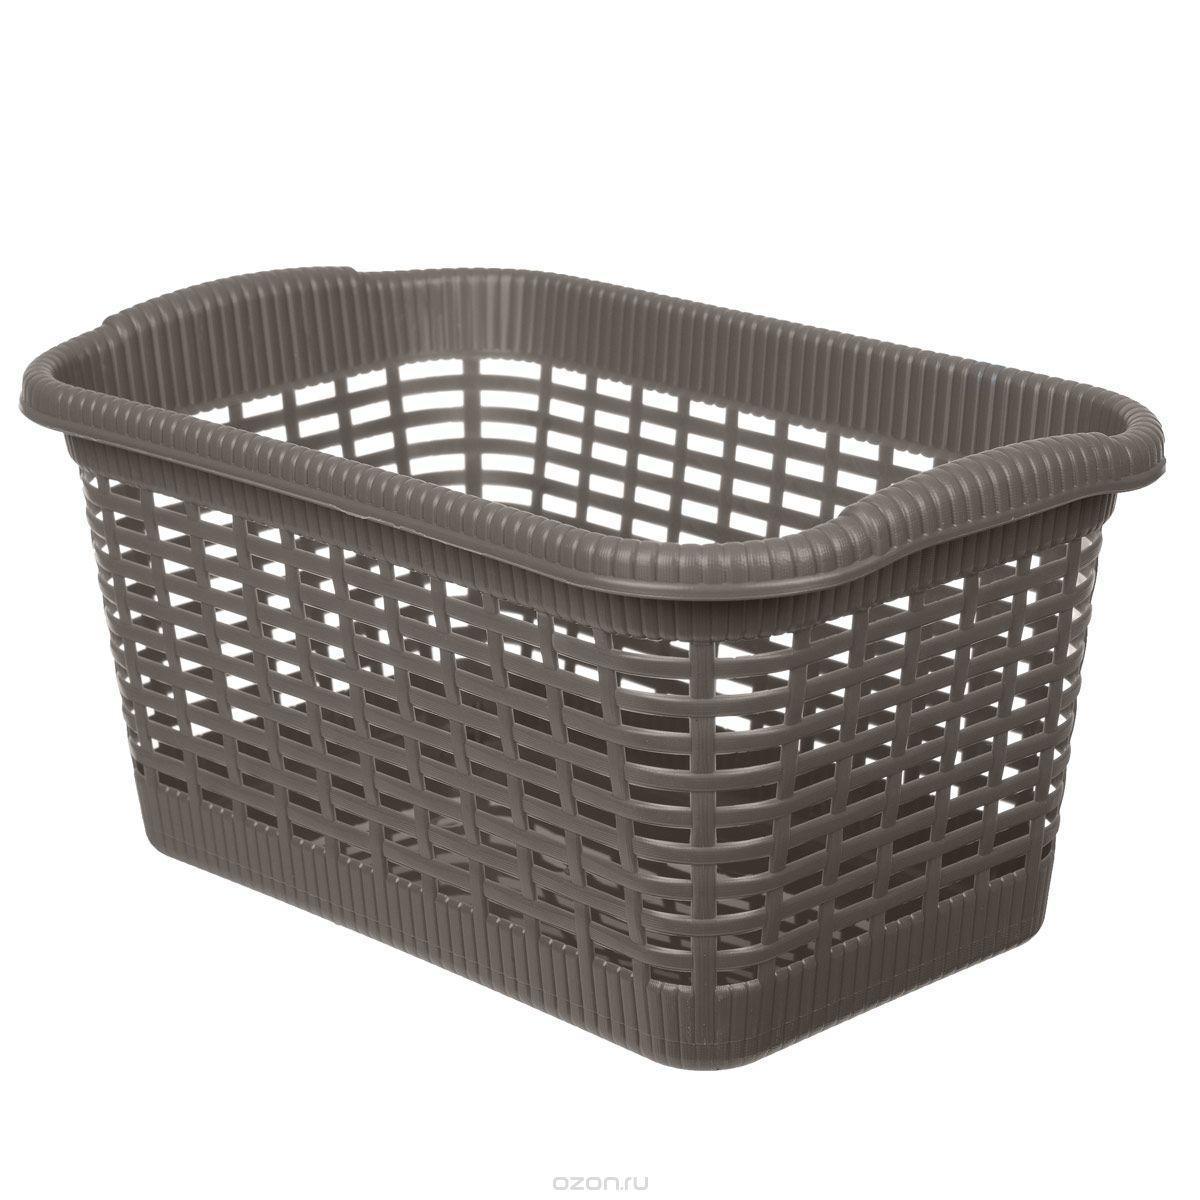 Корзина хозяйственная 43x32x25 см, 20 л коричневый3303Универсальная корзина «Gensini», выполненная из пластика, предназначена для хранения мелочей в ванной, на кухне, даче или гараже. Позволяет хранить мелкие вещи, исключая возможность их потери. Легкая воздушная корзина выполнена «под плетенку» и оснащена жесткой кромкой.